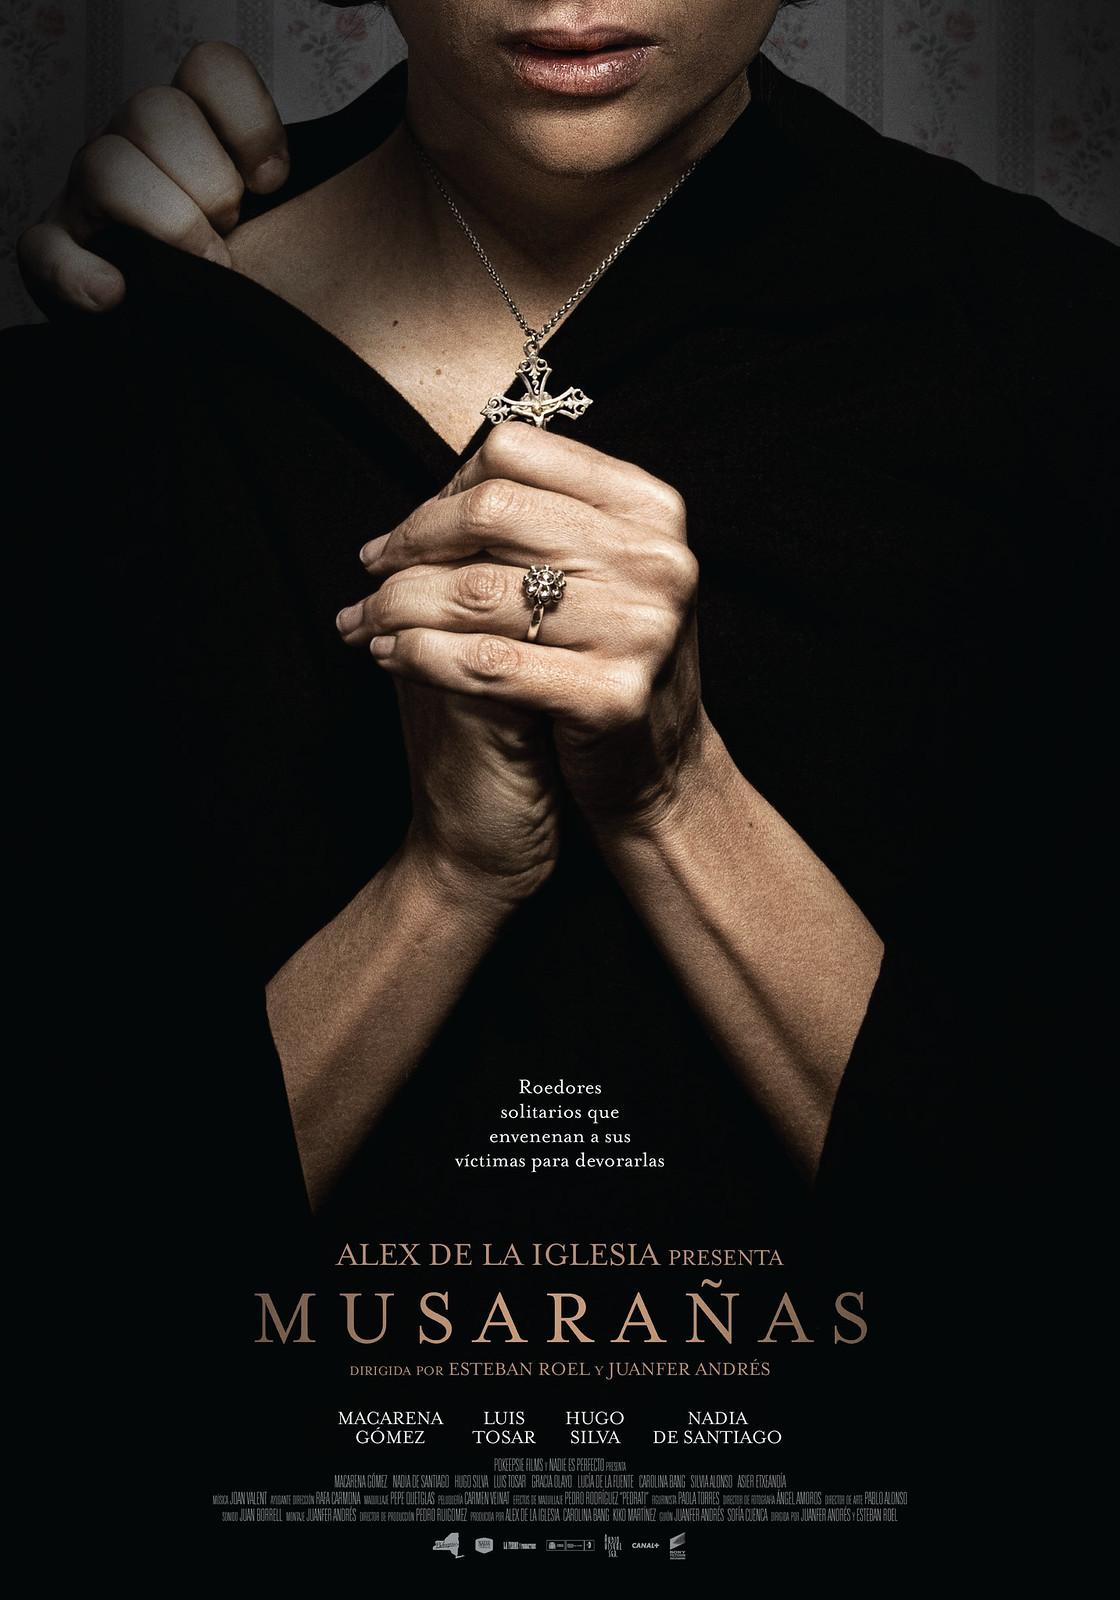 MUSARANAS_CARTEL_AF_online